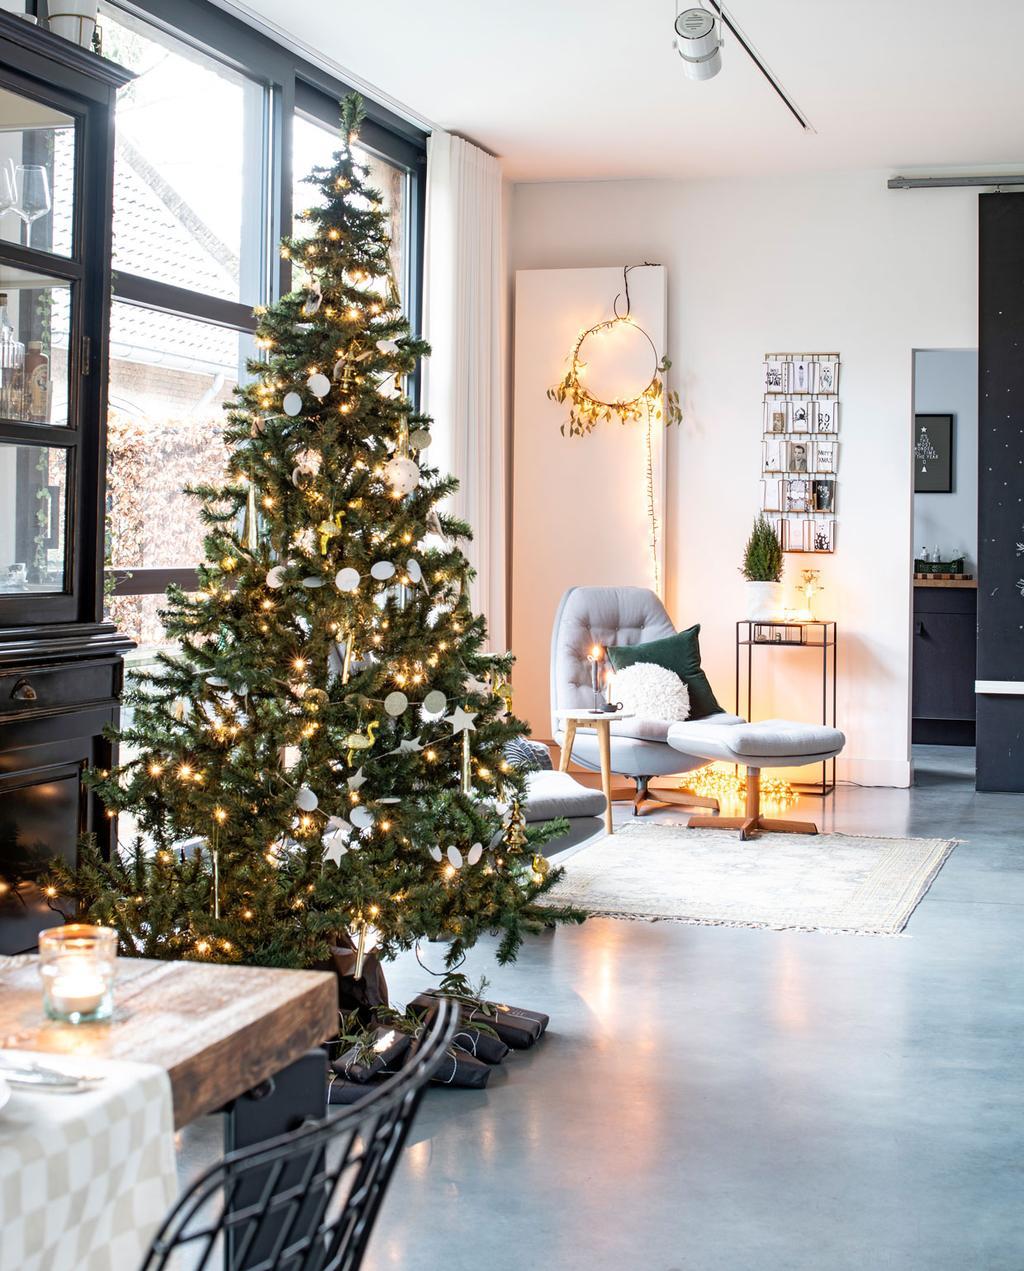 vtwonen 12-2019 | Binnenkijken in een vrijstaand huis in Geleen woonkamer kerstboom